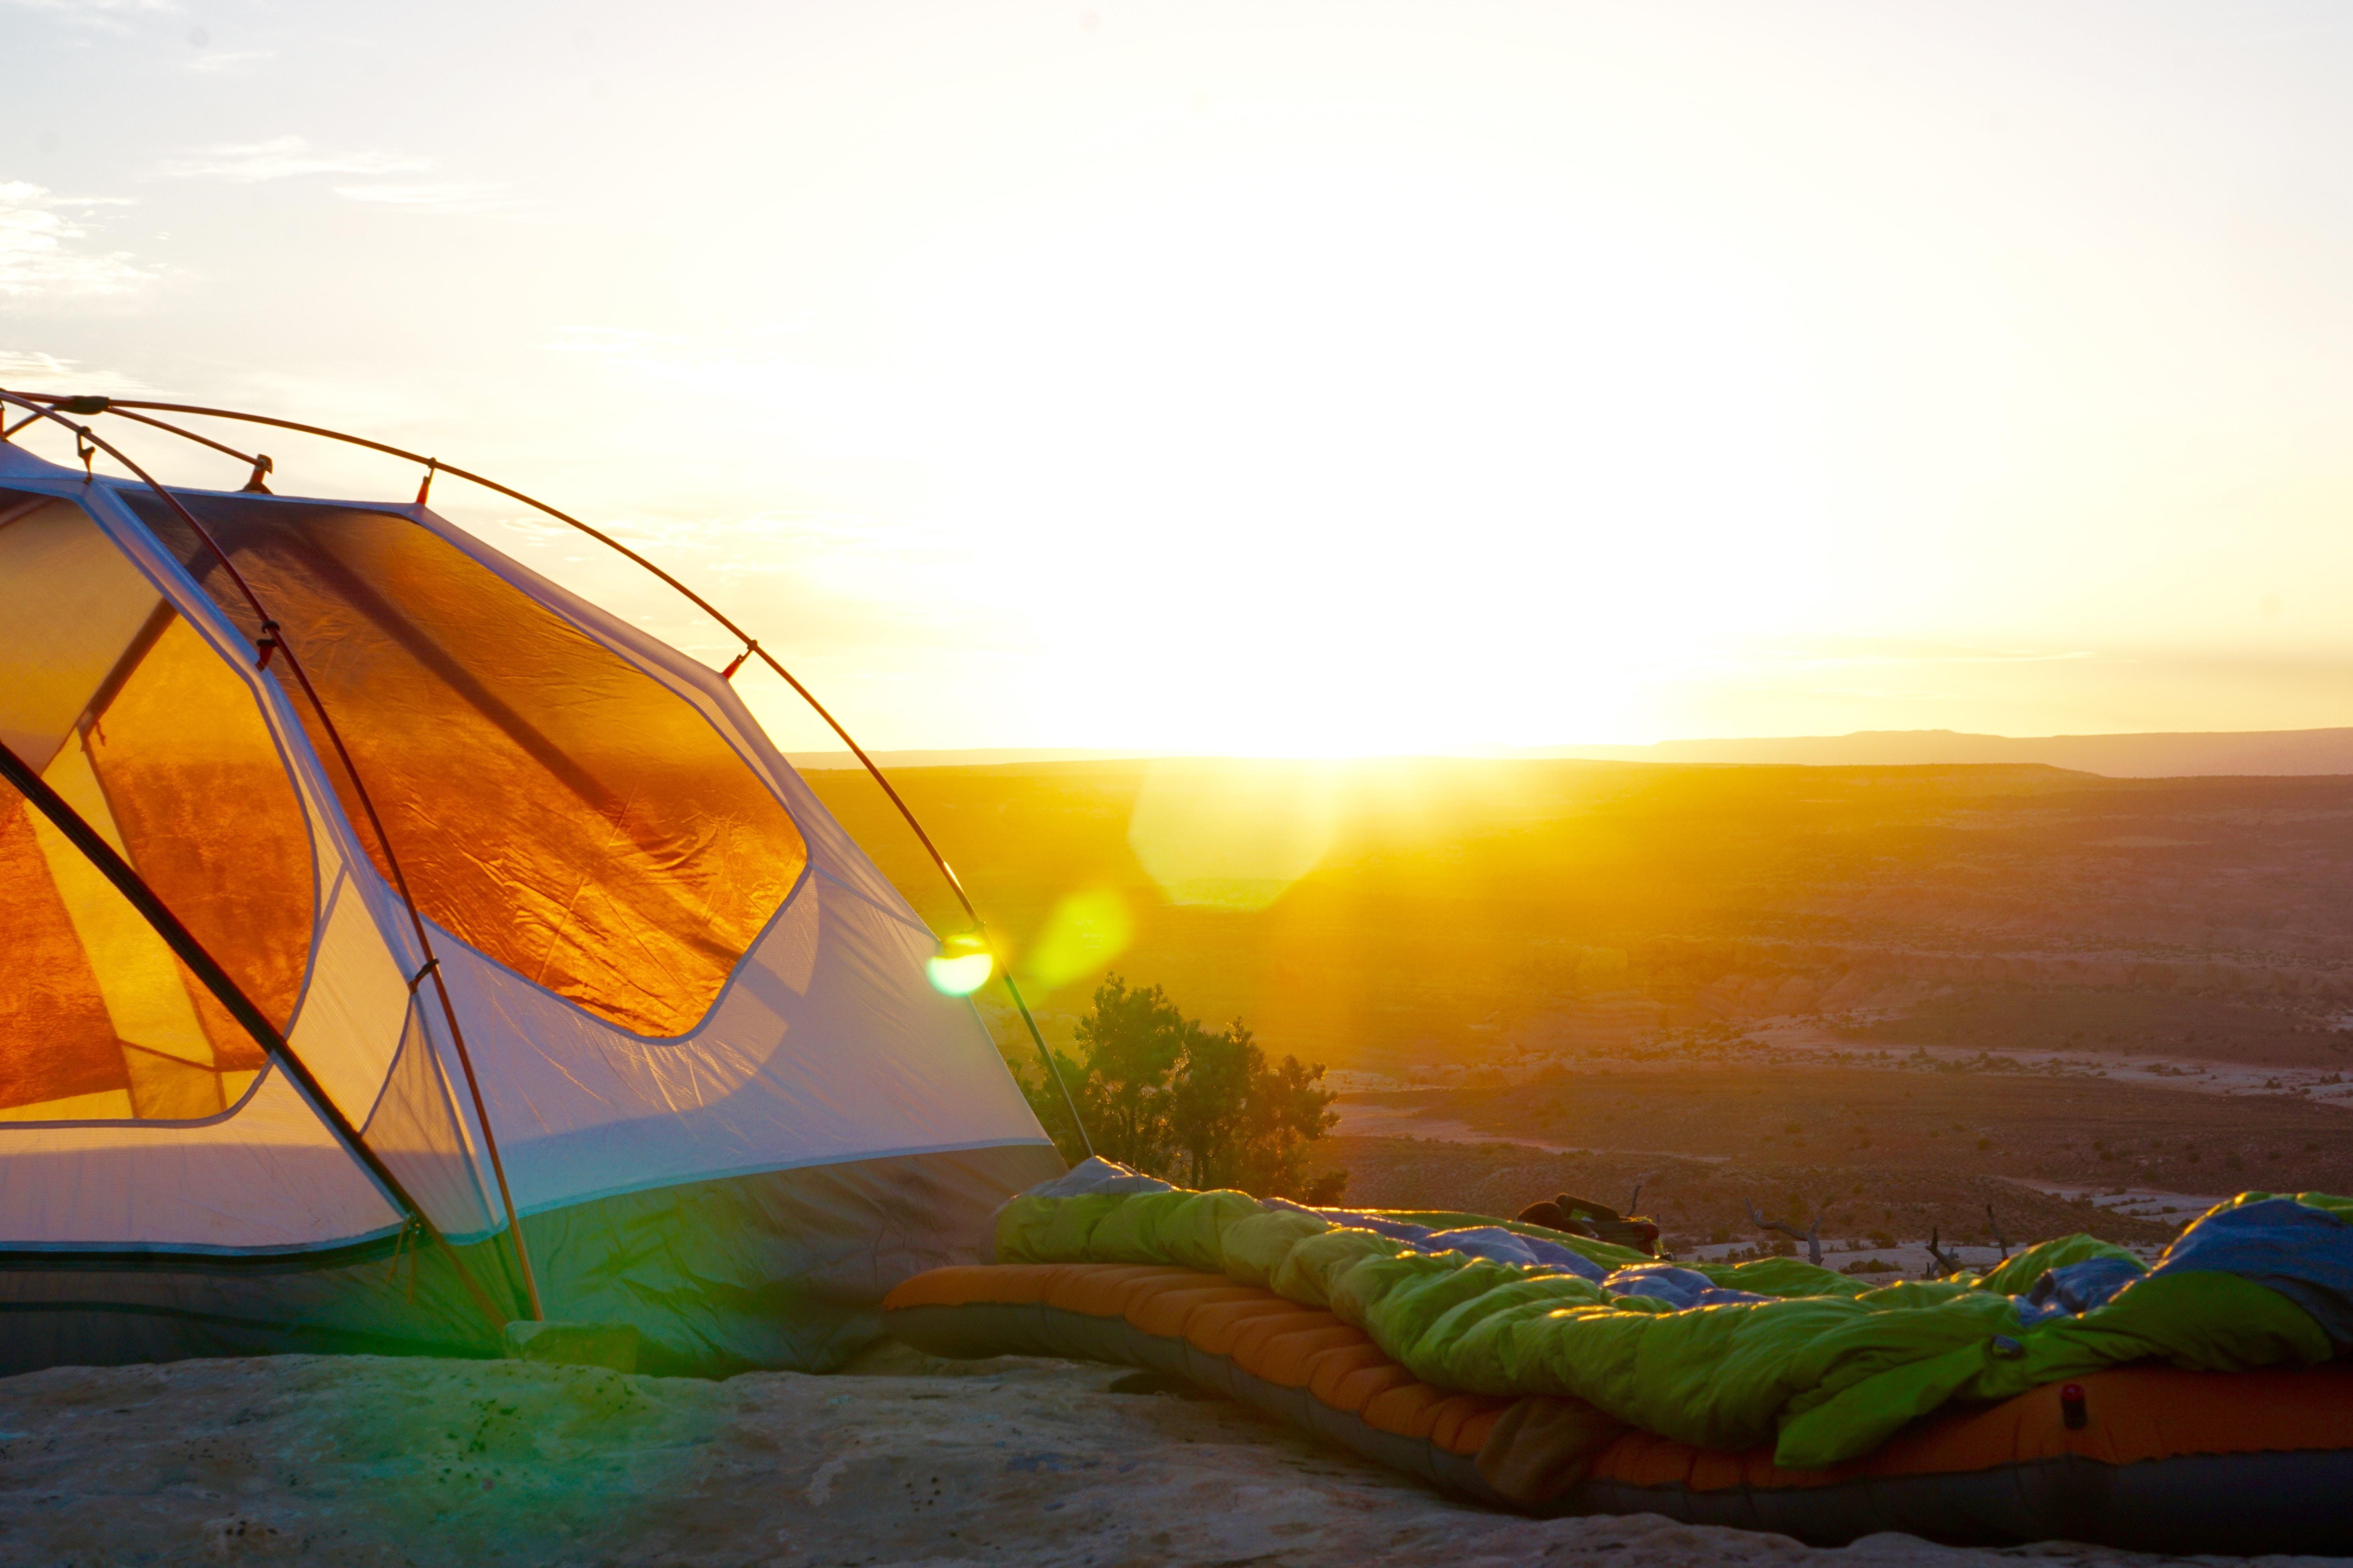 Tenda circondata dalla natura, un suggerimento per chi viaggia è quello di scegliere hotel sostenibili